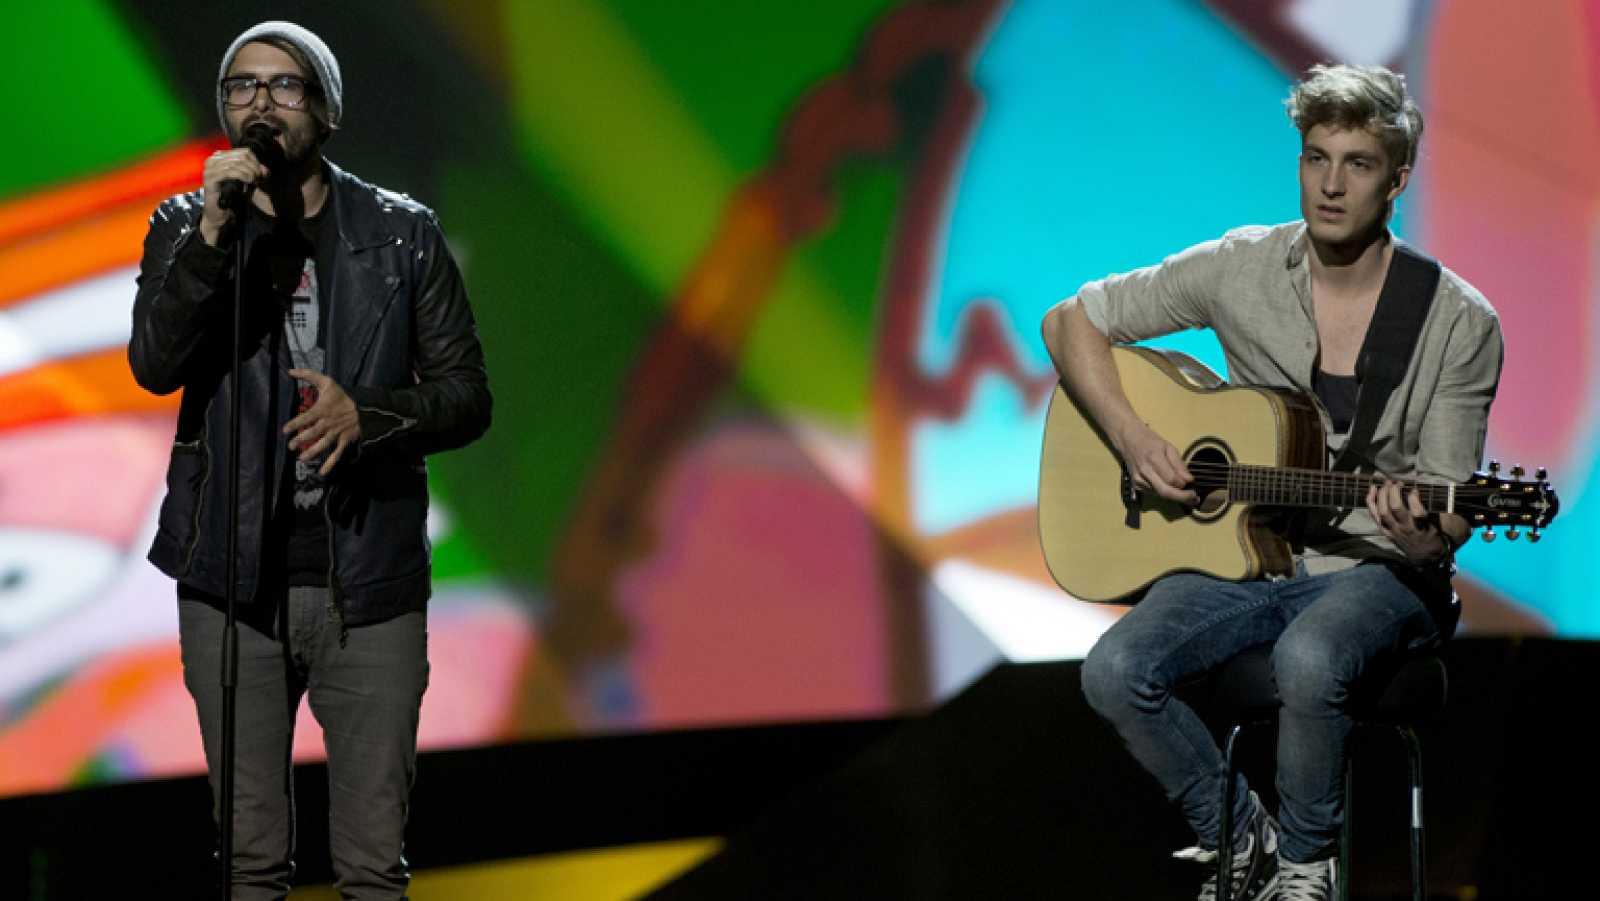 Final de Eurovisión 2013 - Hungría